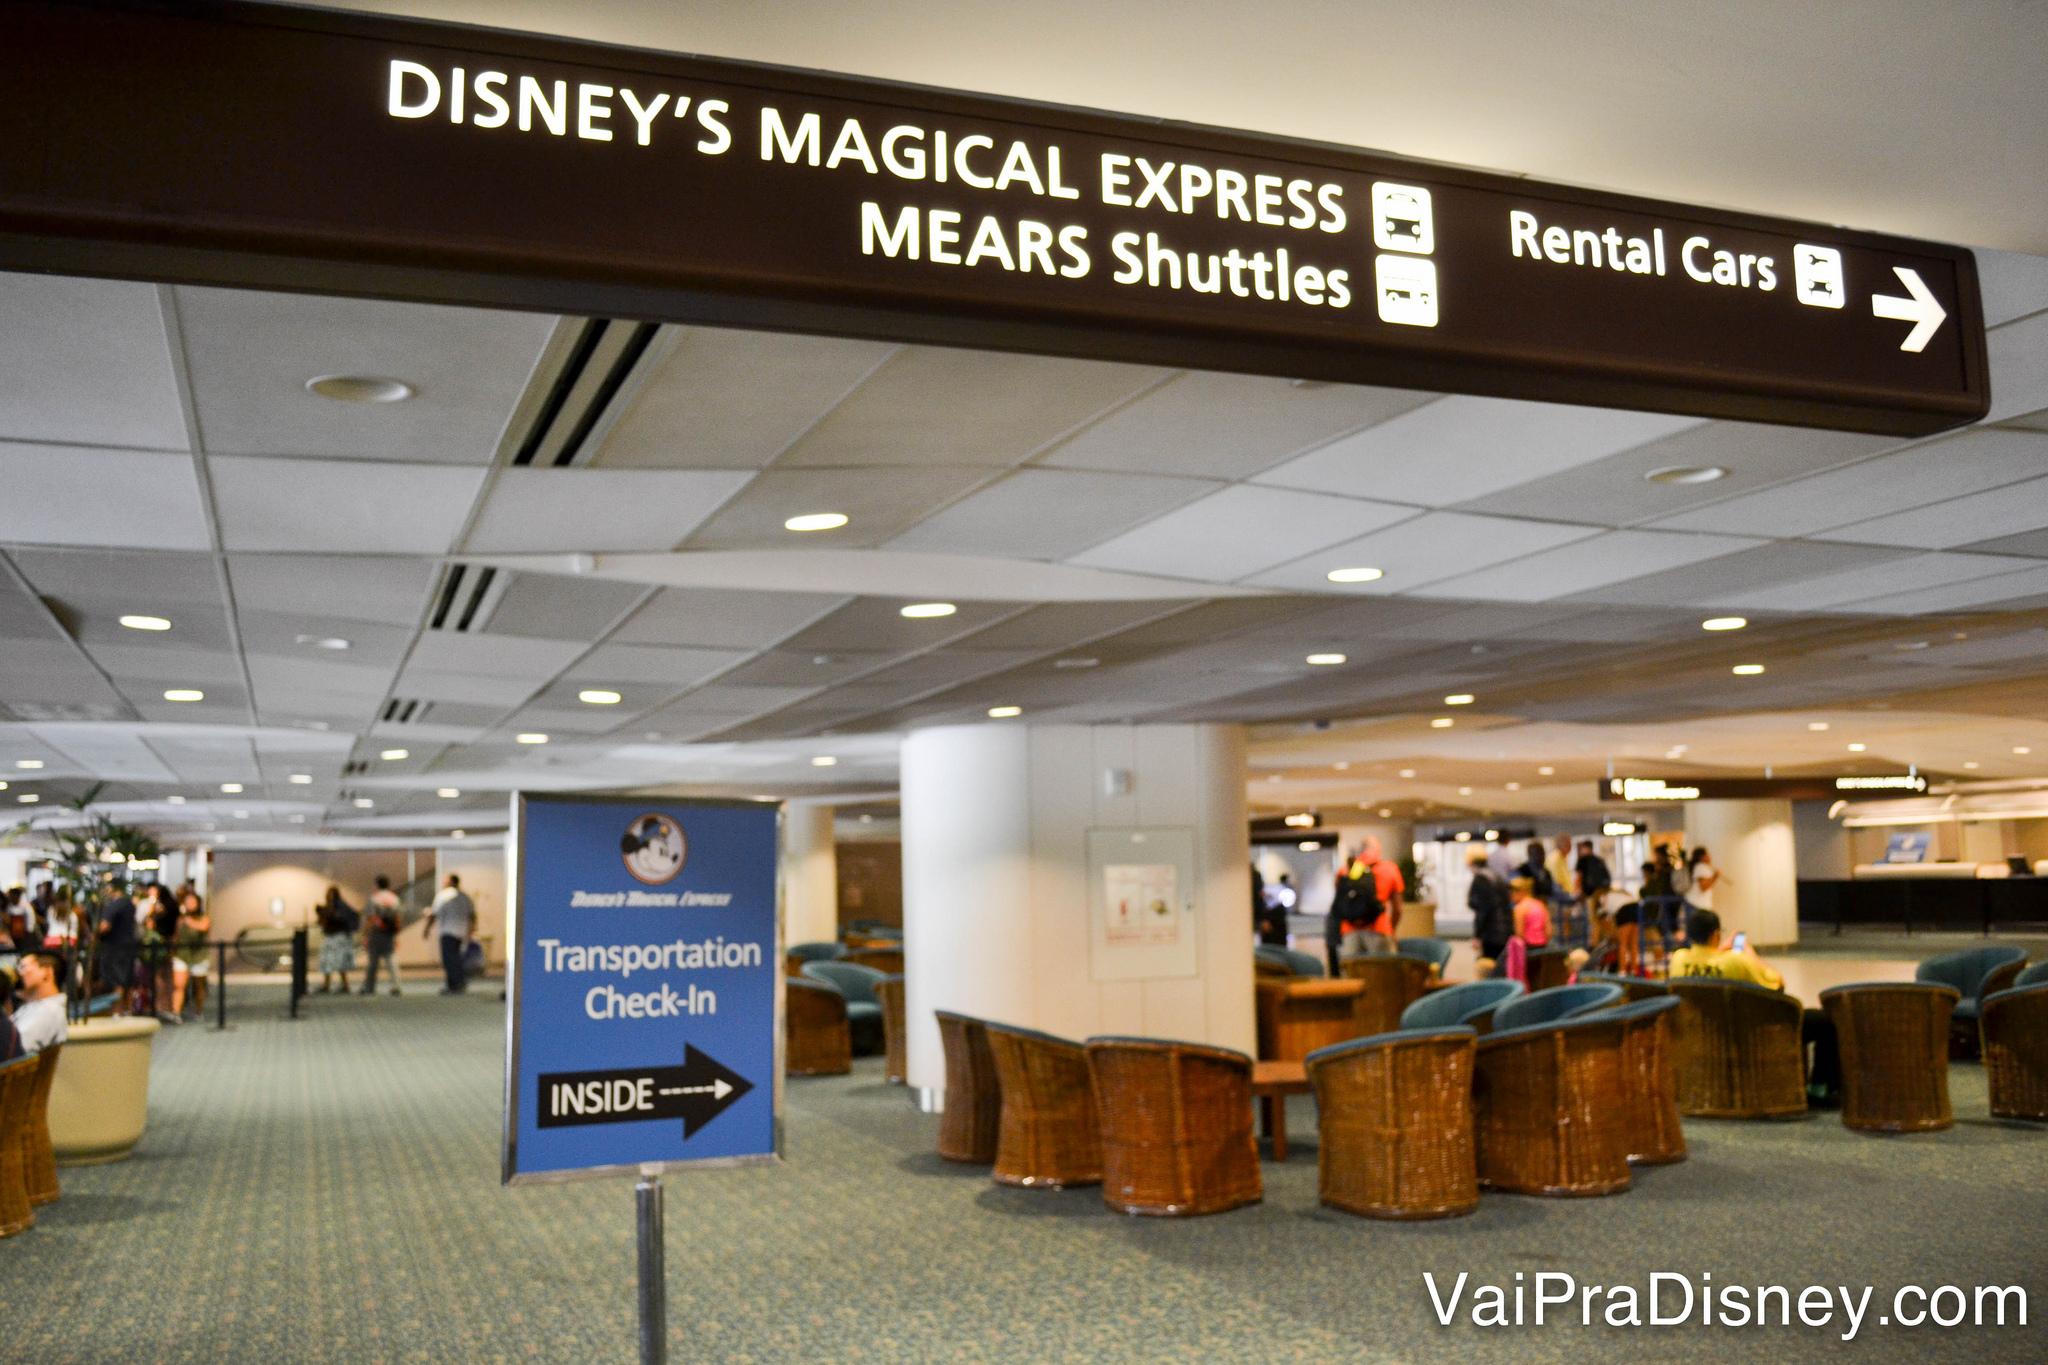 Placas no primeiro andar do aeroporto que indicam onde pegar o transporte da Disney e aonde ir para as locadoras de carro.